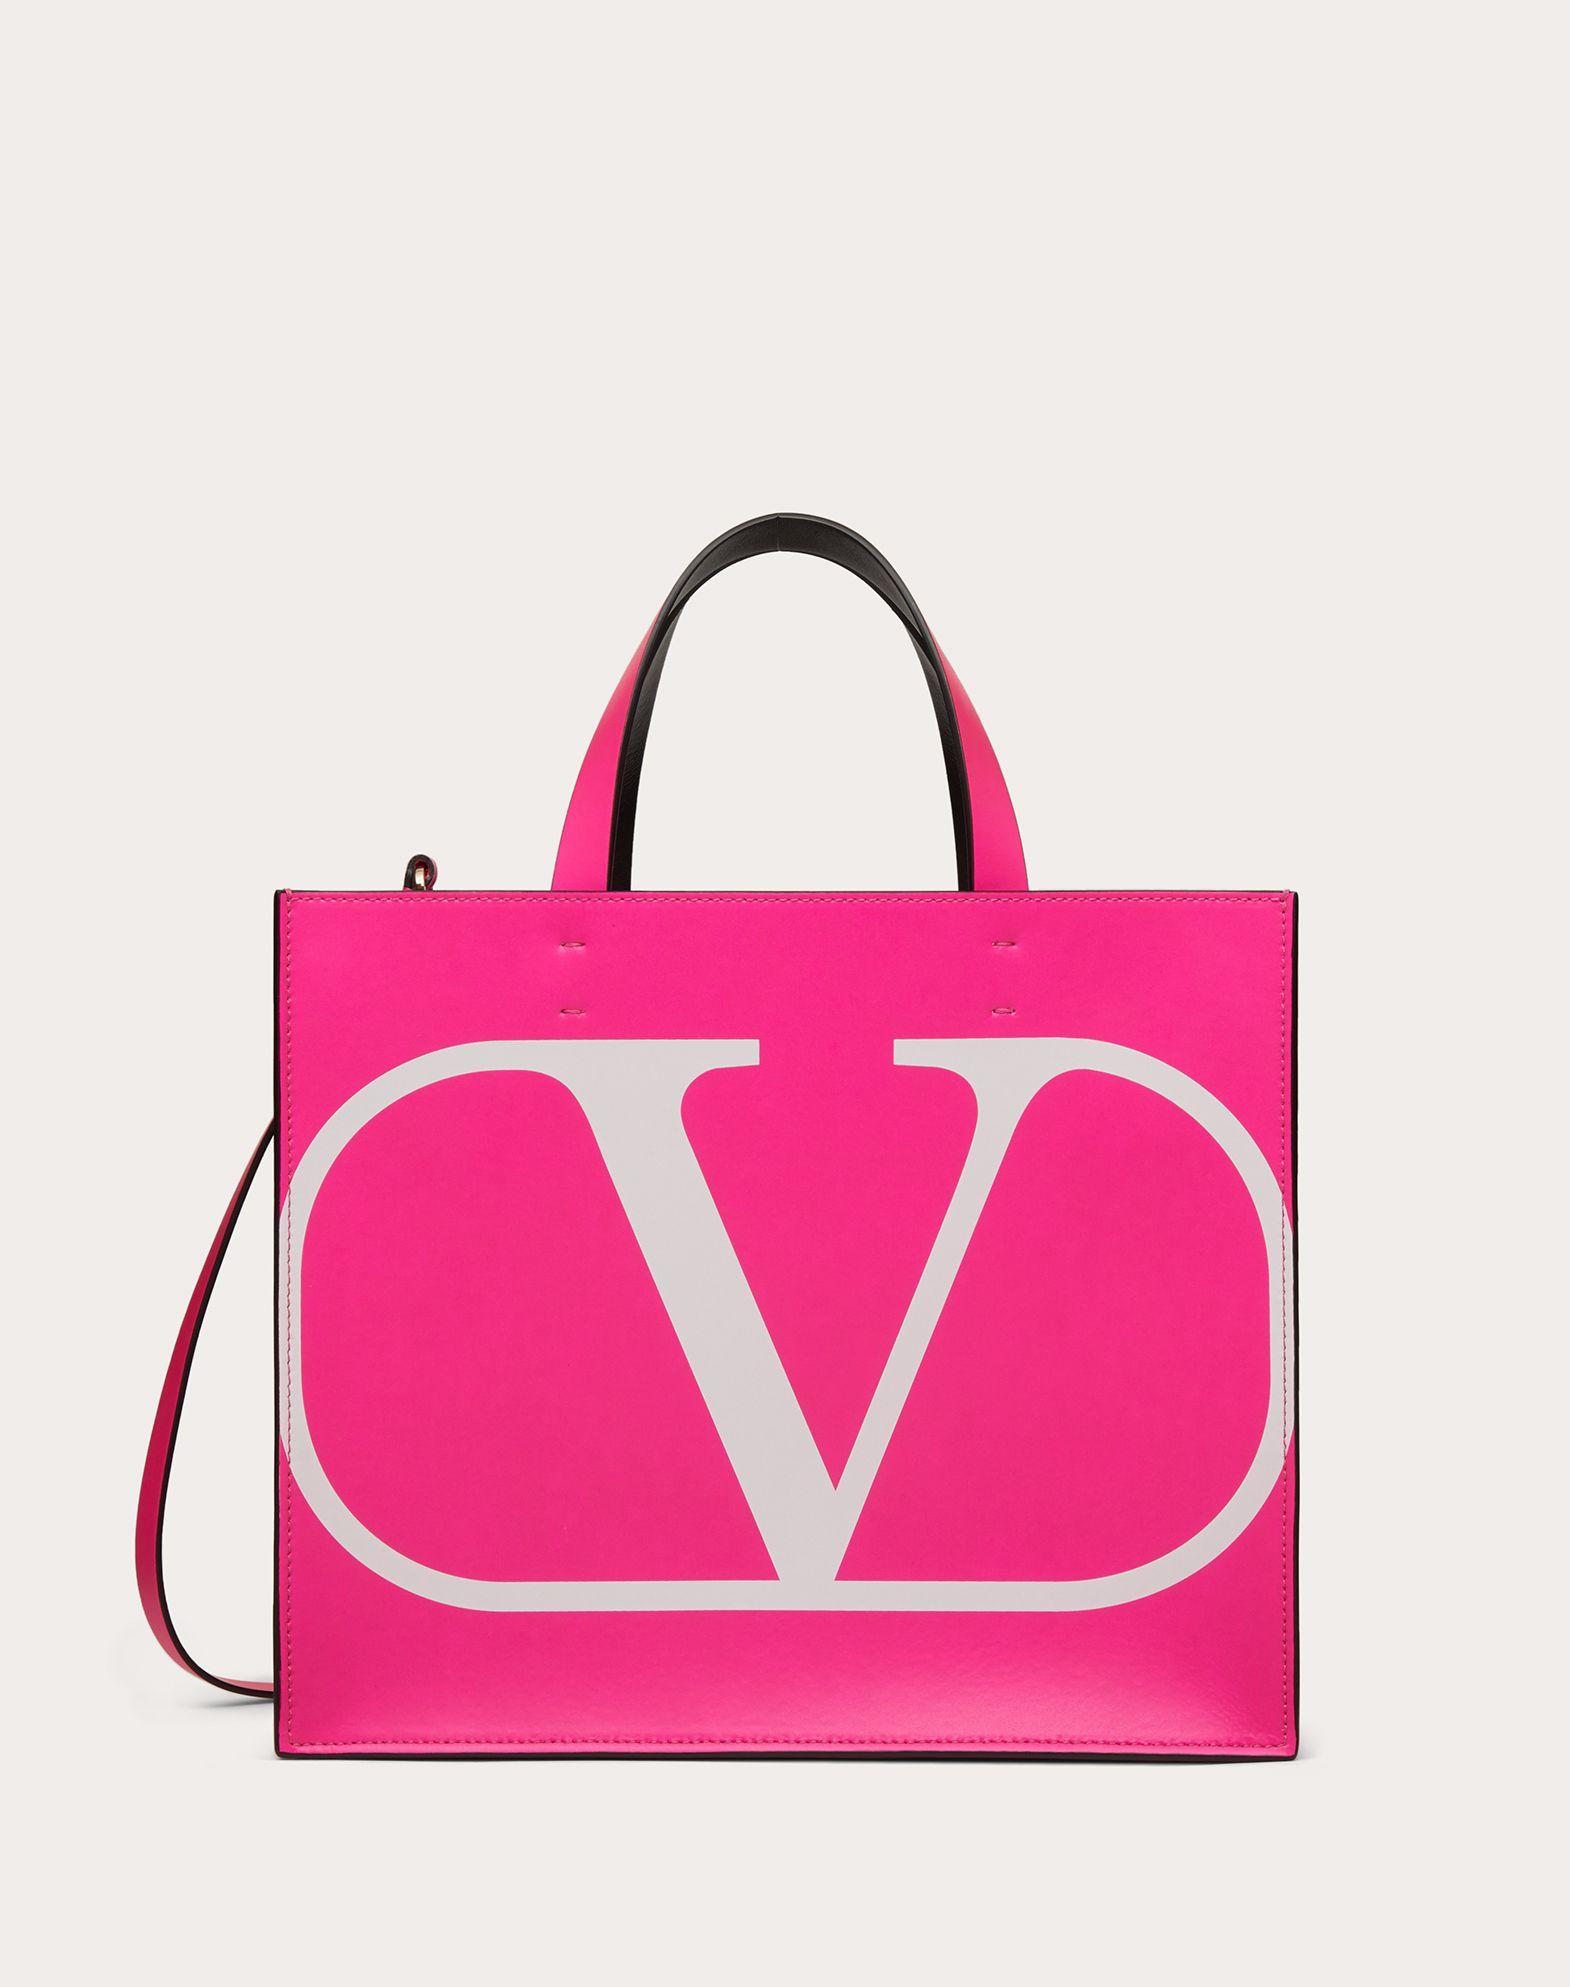 Маленькая сумка-шоппер VLOGO из флуоресцентной телячьей кожи